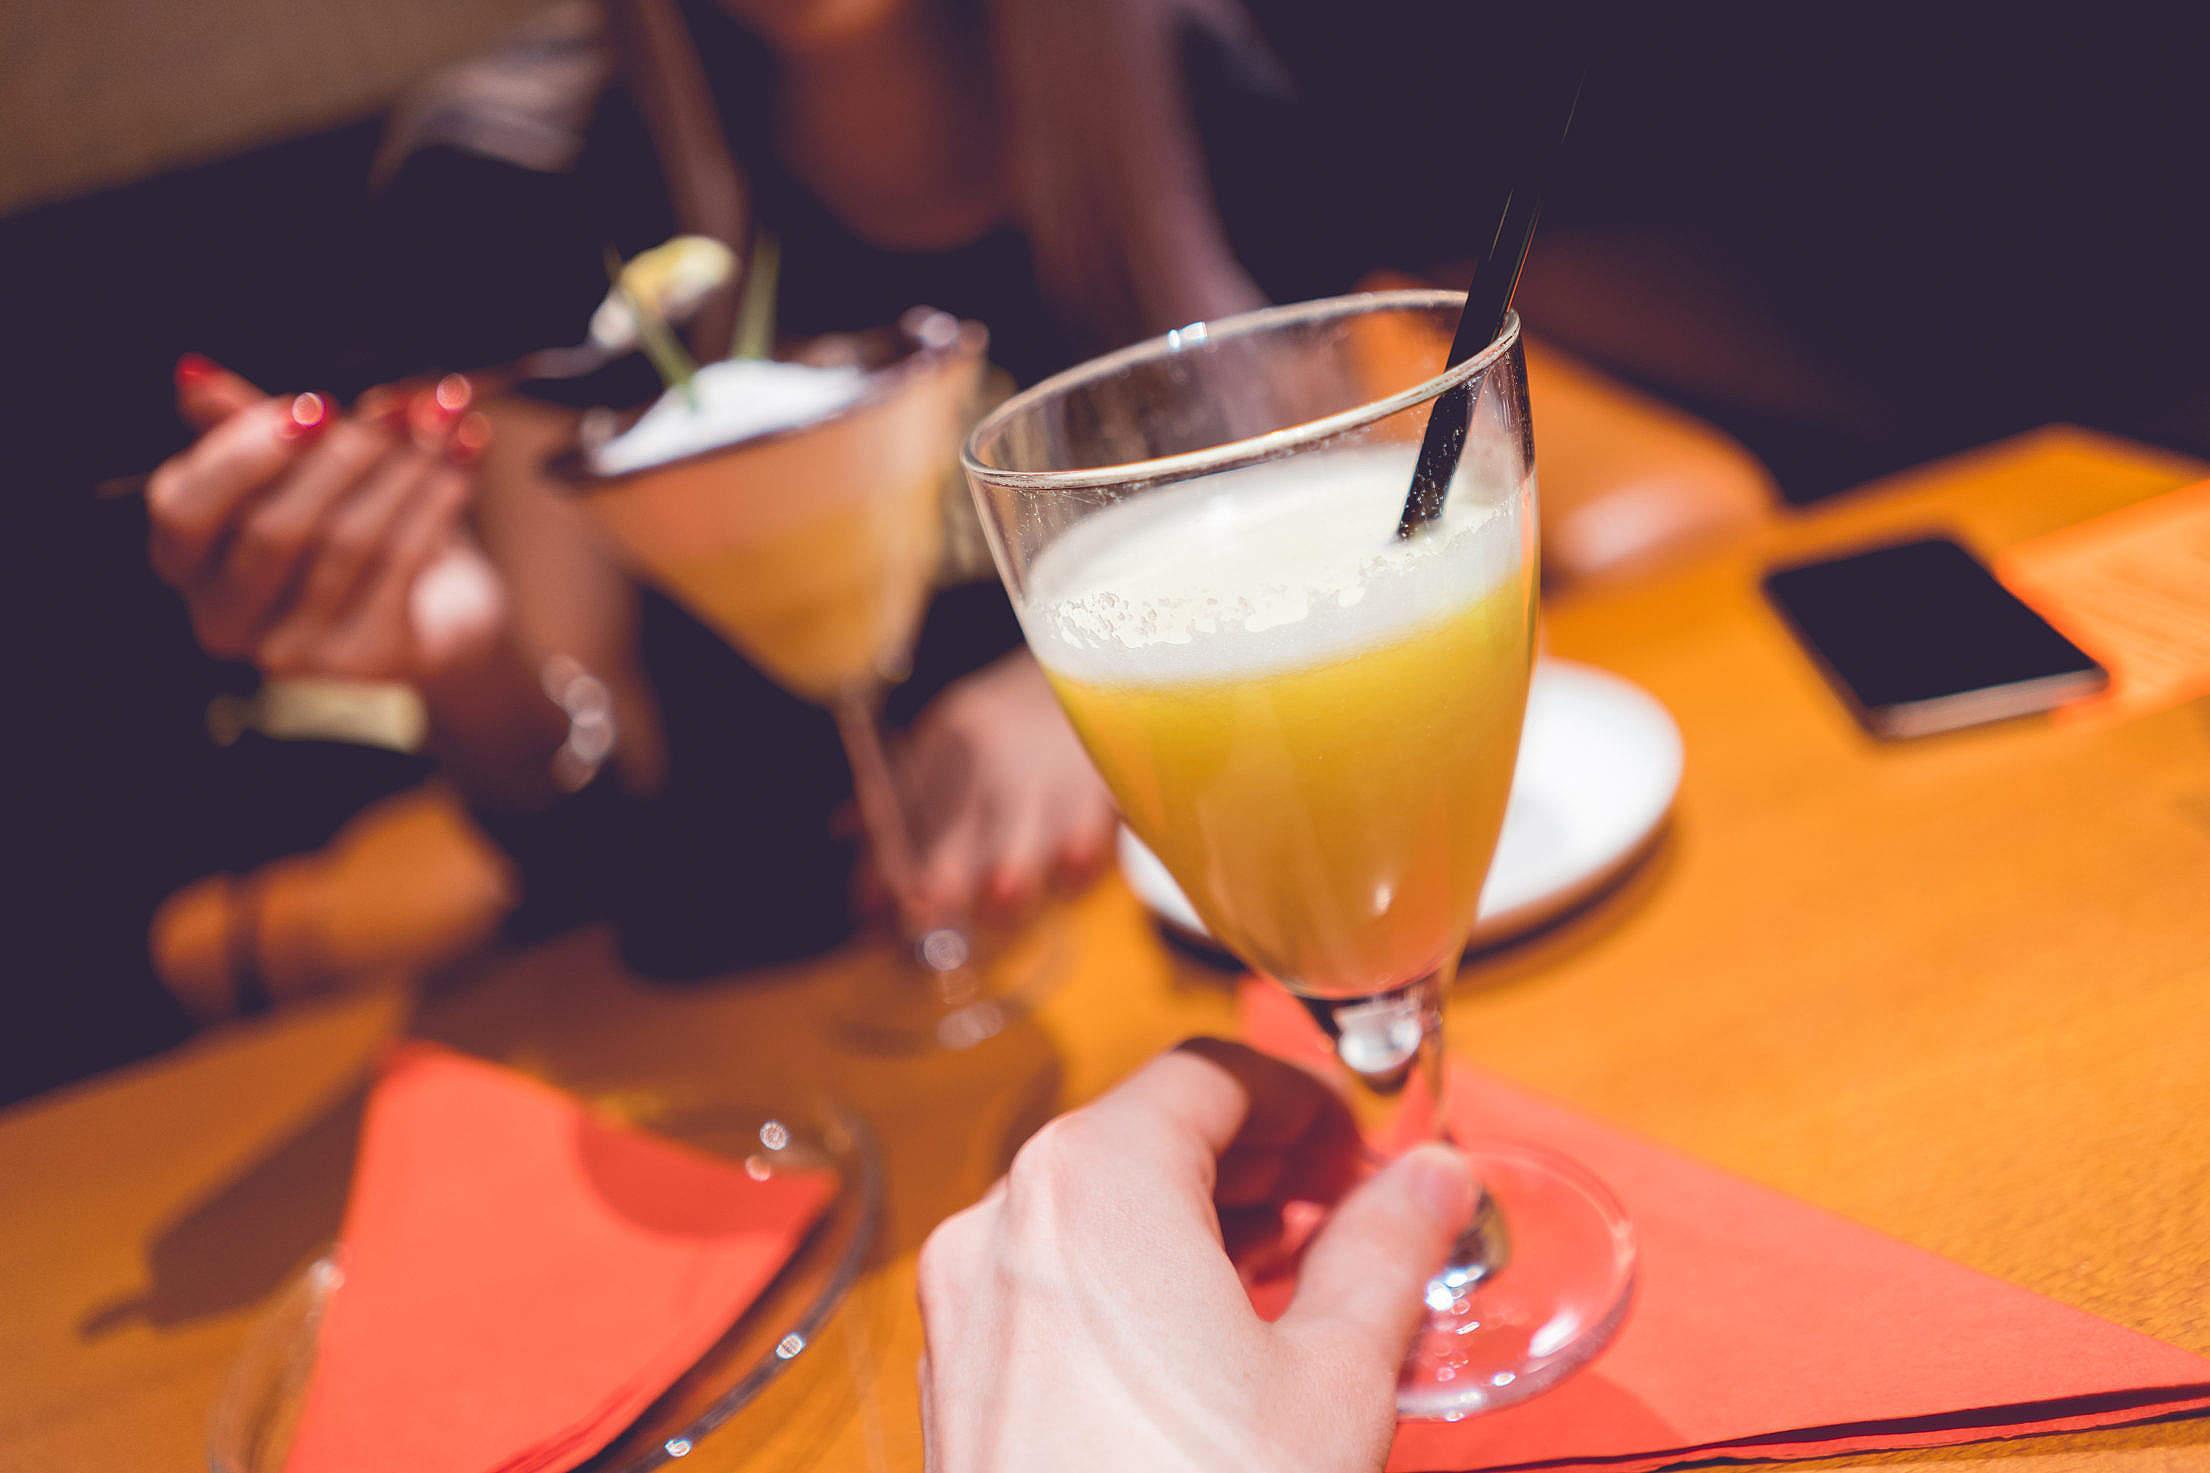 以後大家記得喝酒前、喝酒後都可以先吃吃以上4款食物,再跟韓國人尬啊!(飲酒過量、小心傷身)